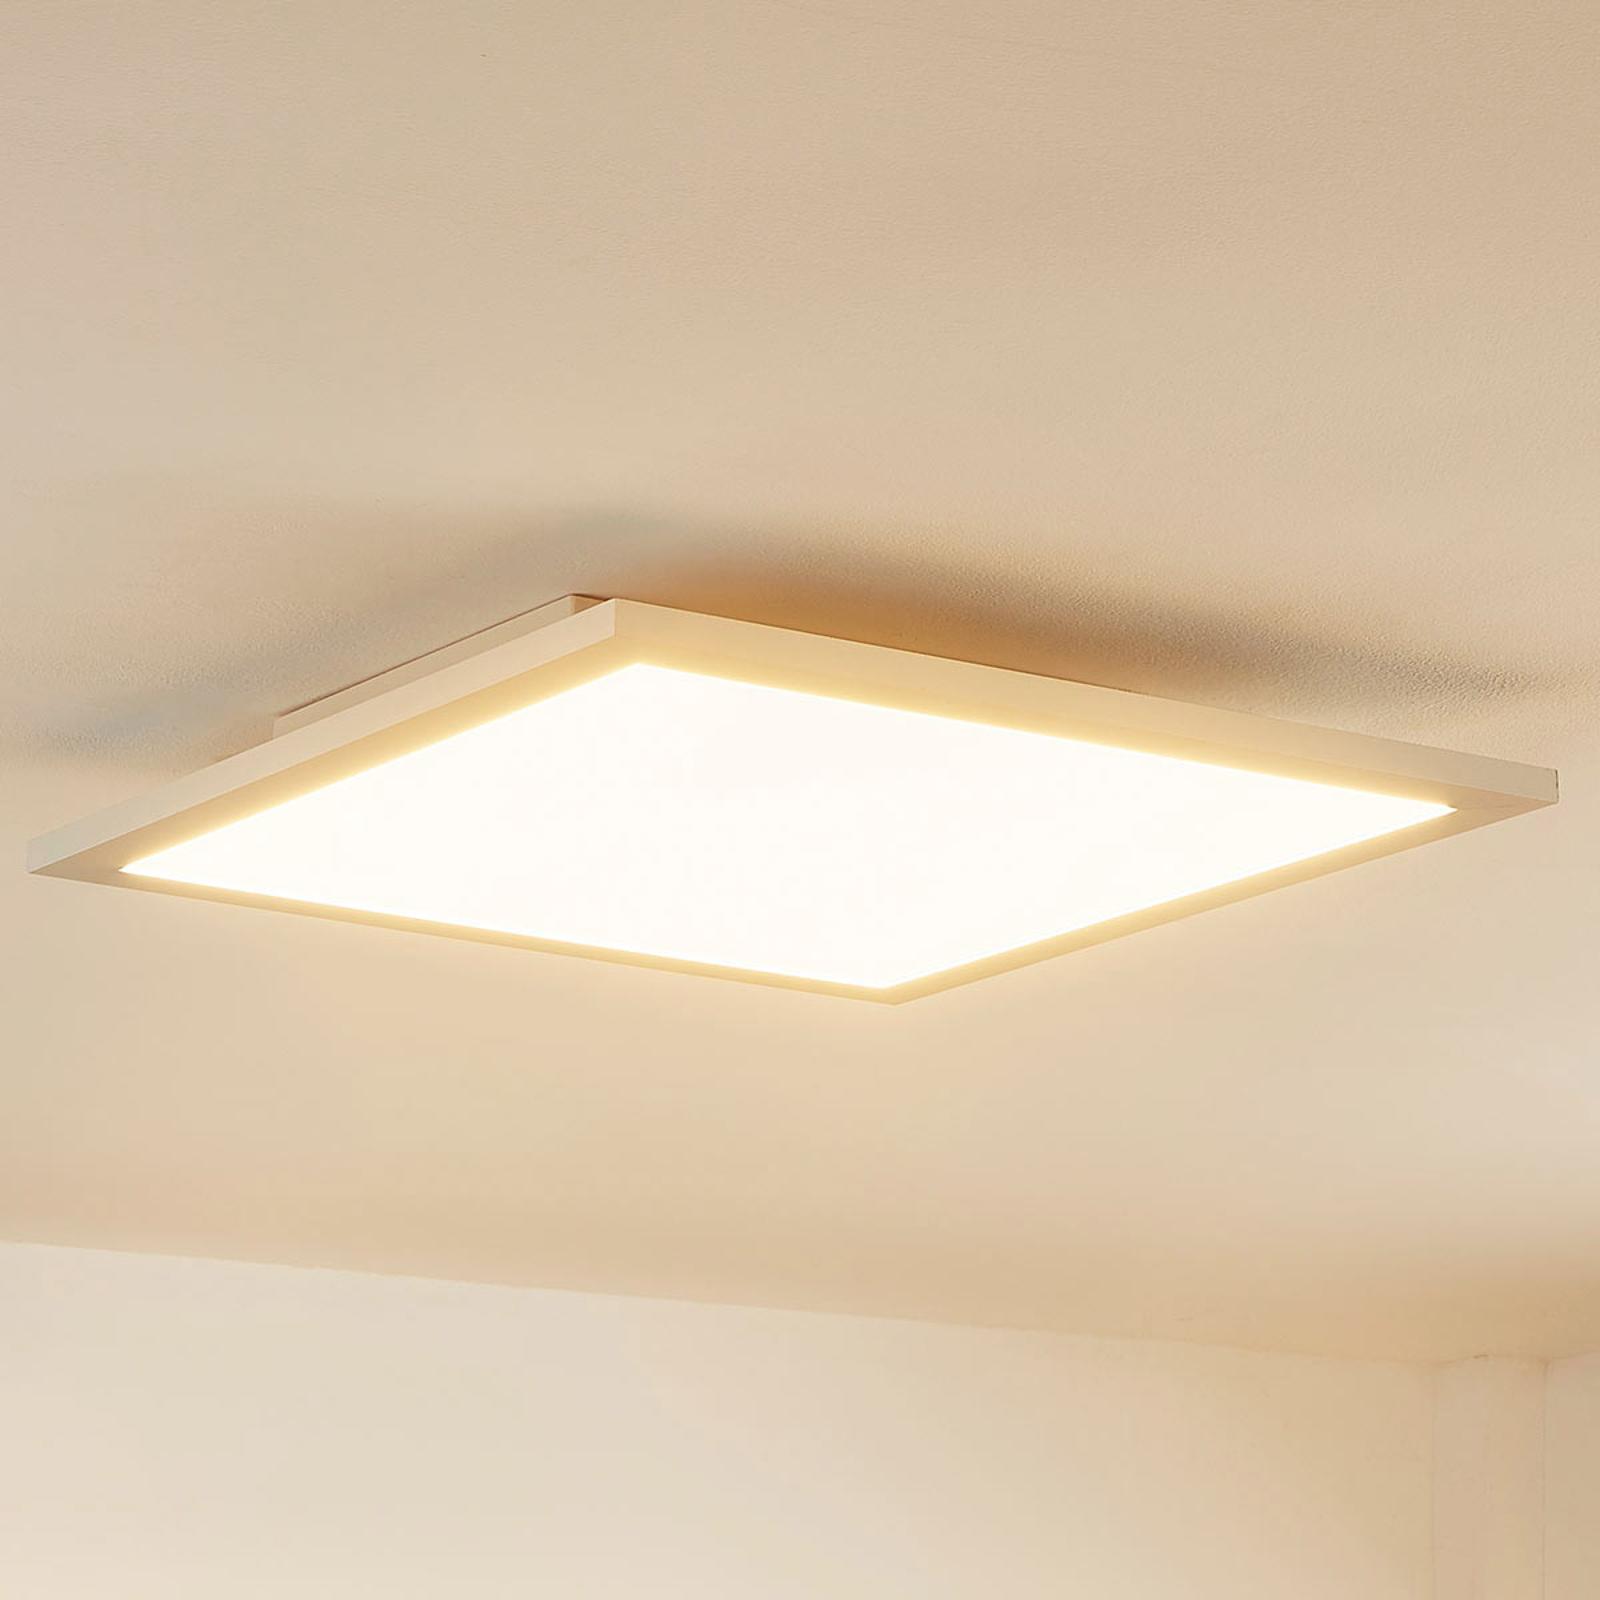 Panel sufitowy LED Enja, natynkowy, kwadratowy